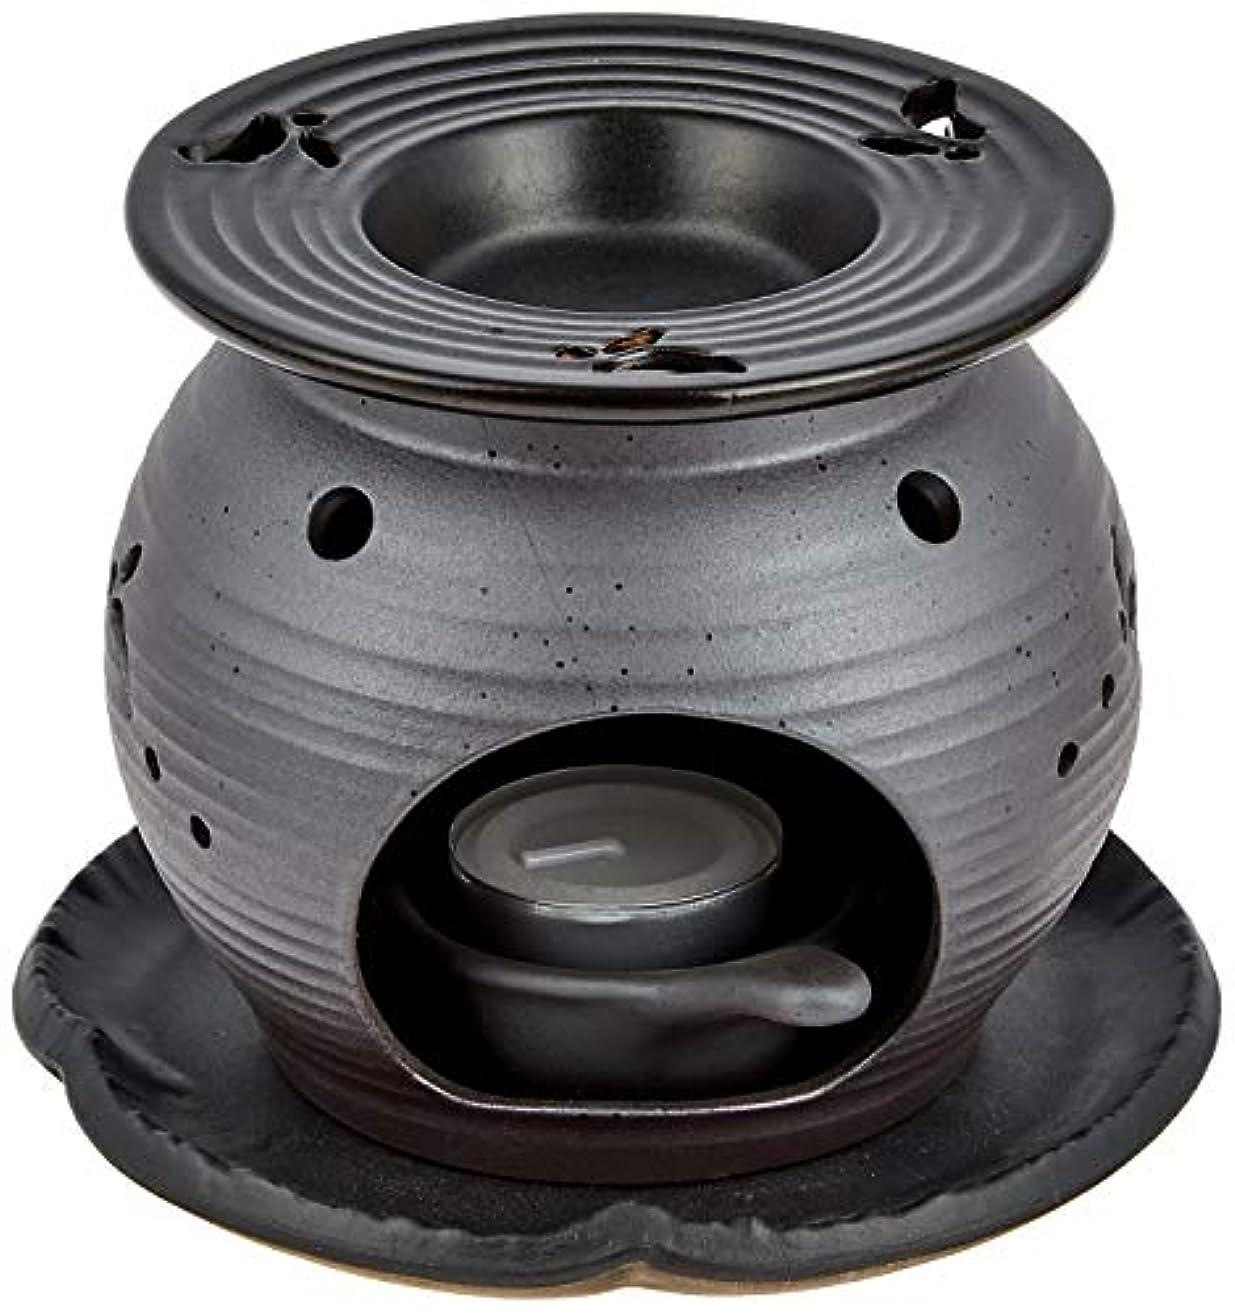 カカドゥガイドライン横向き常滑焼5-260盛正 黒泥丸形ウサギ茶香炉 AM-T1053